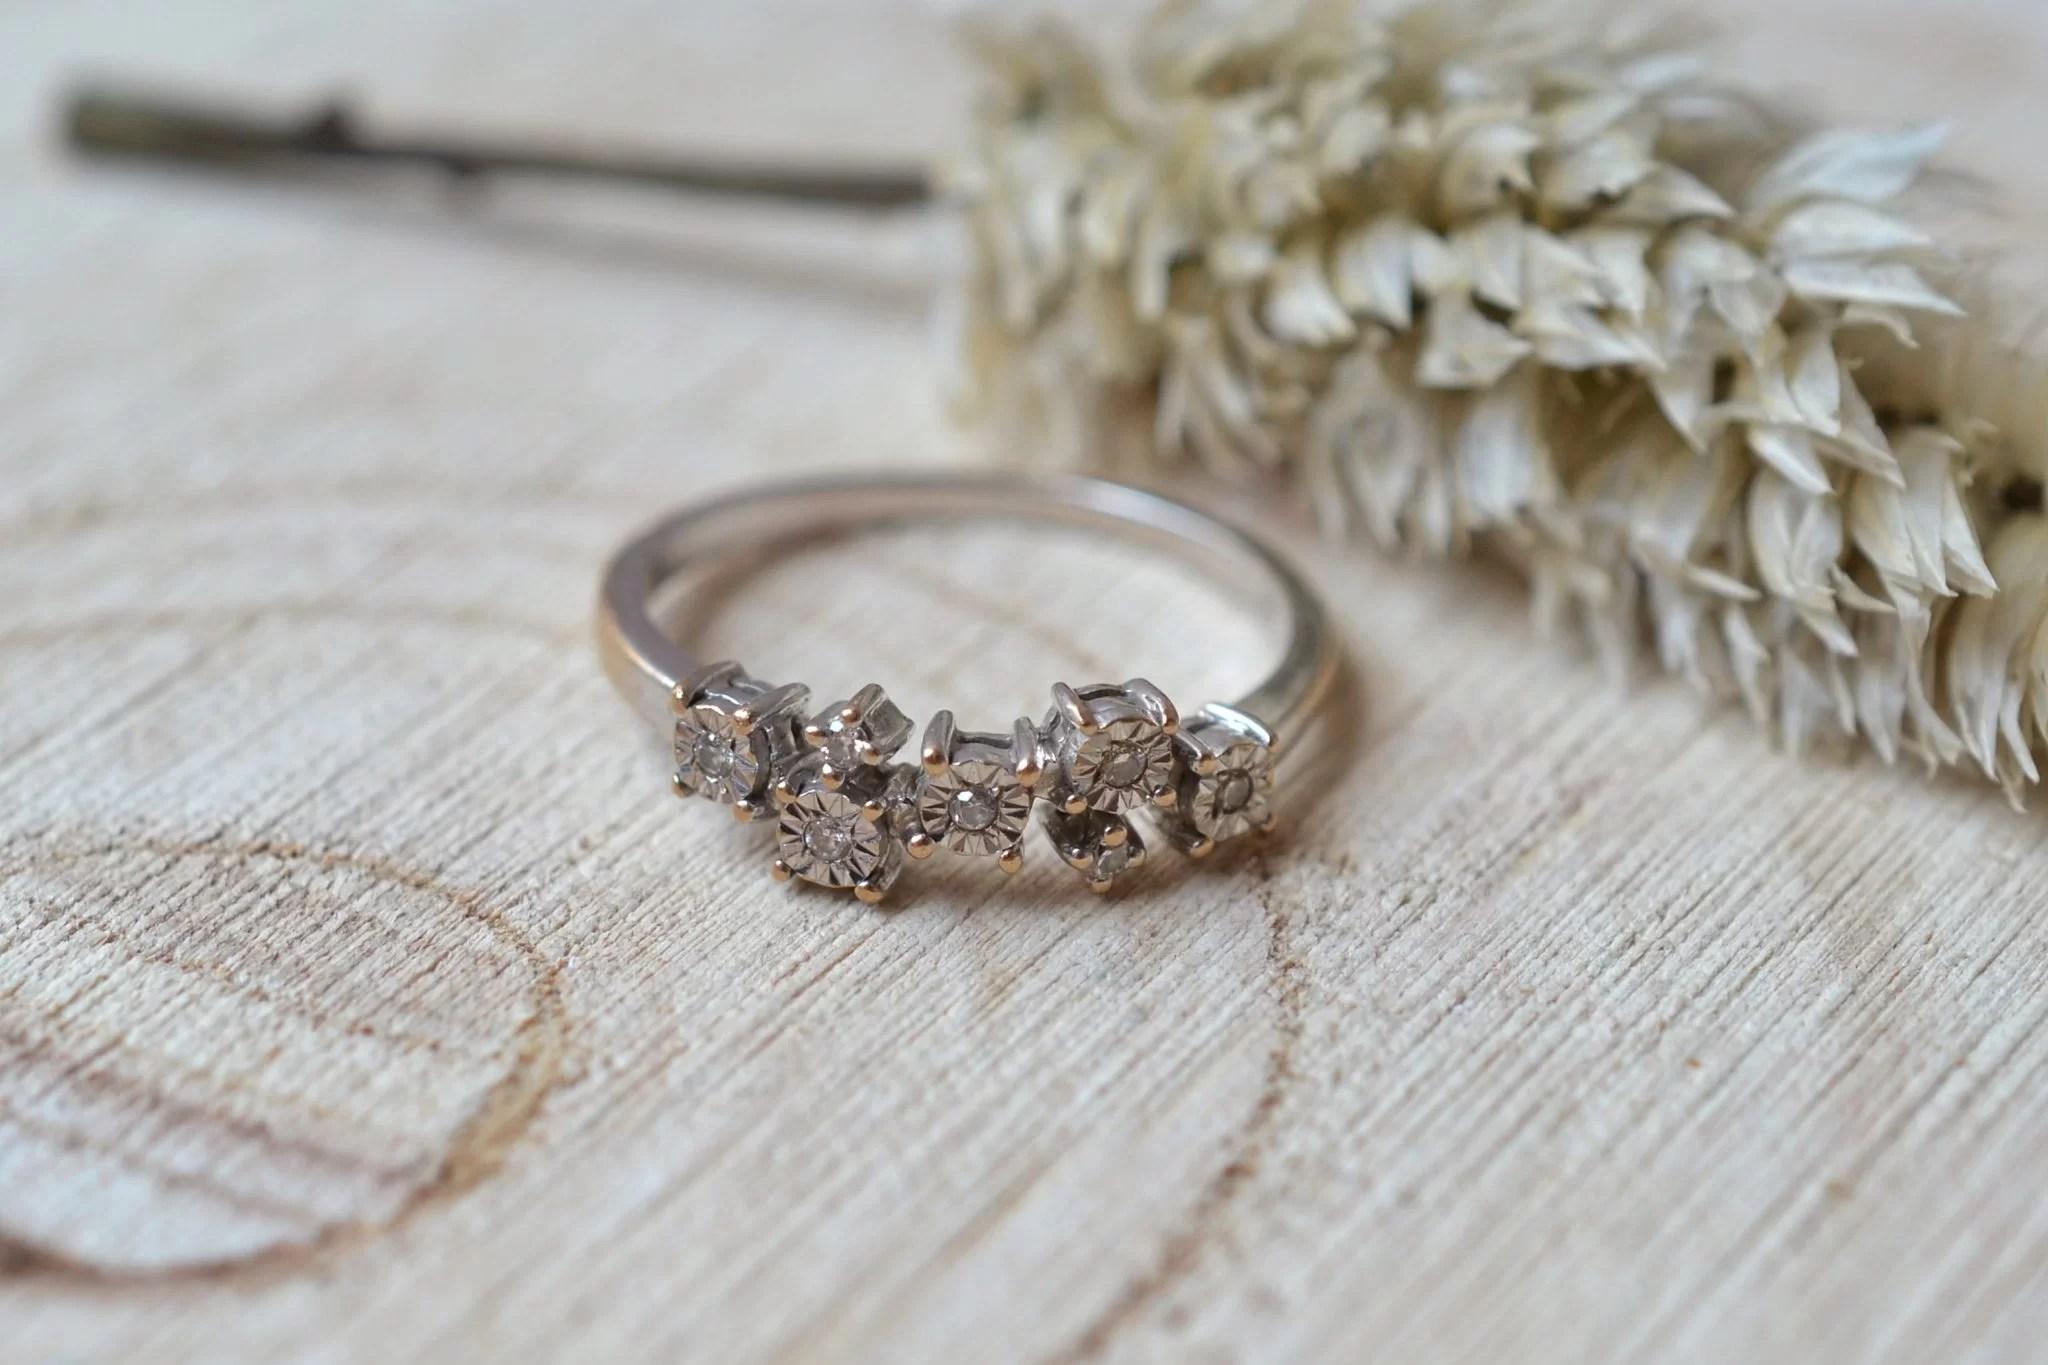 Bague En Or Blanc Sertie De Diamants Brillantés - Bague De Fiançailles Vintage